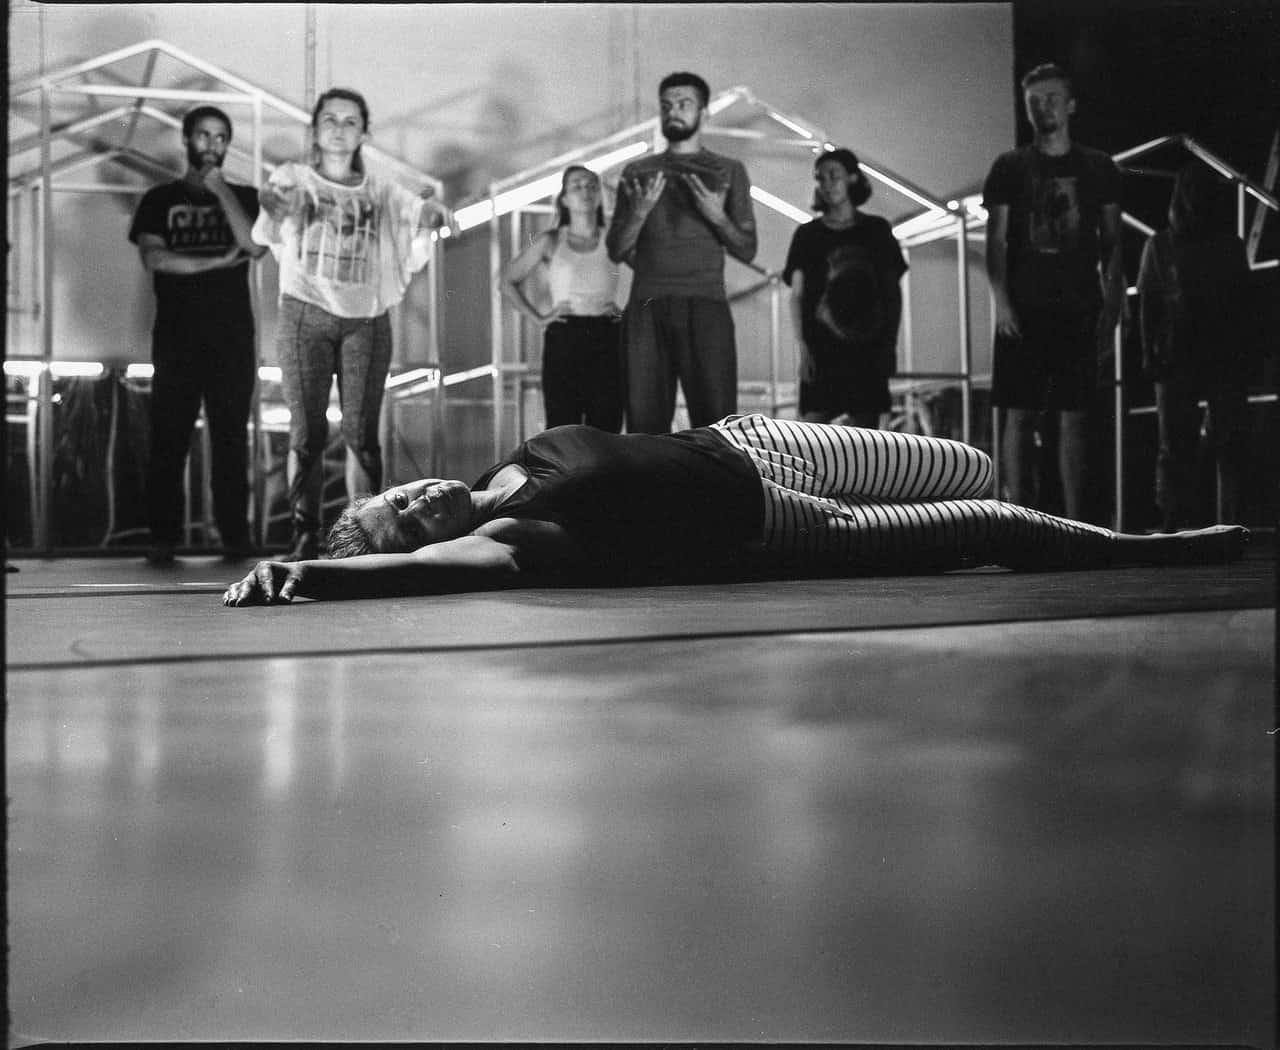 Scena ze spektaklu. Zdjęcie czarno-białe. Na scenie leżu postać, dziewczyna. Nad nią stoi grupa młodych osób. Część patrzy na leżącą dziewczynę, część nie. W tle rusztowania w kształcie domków.